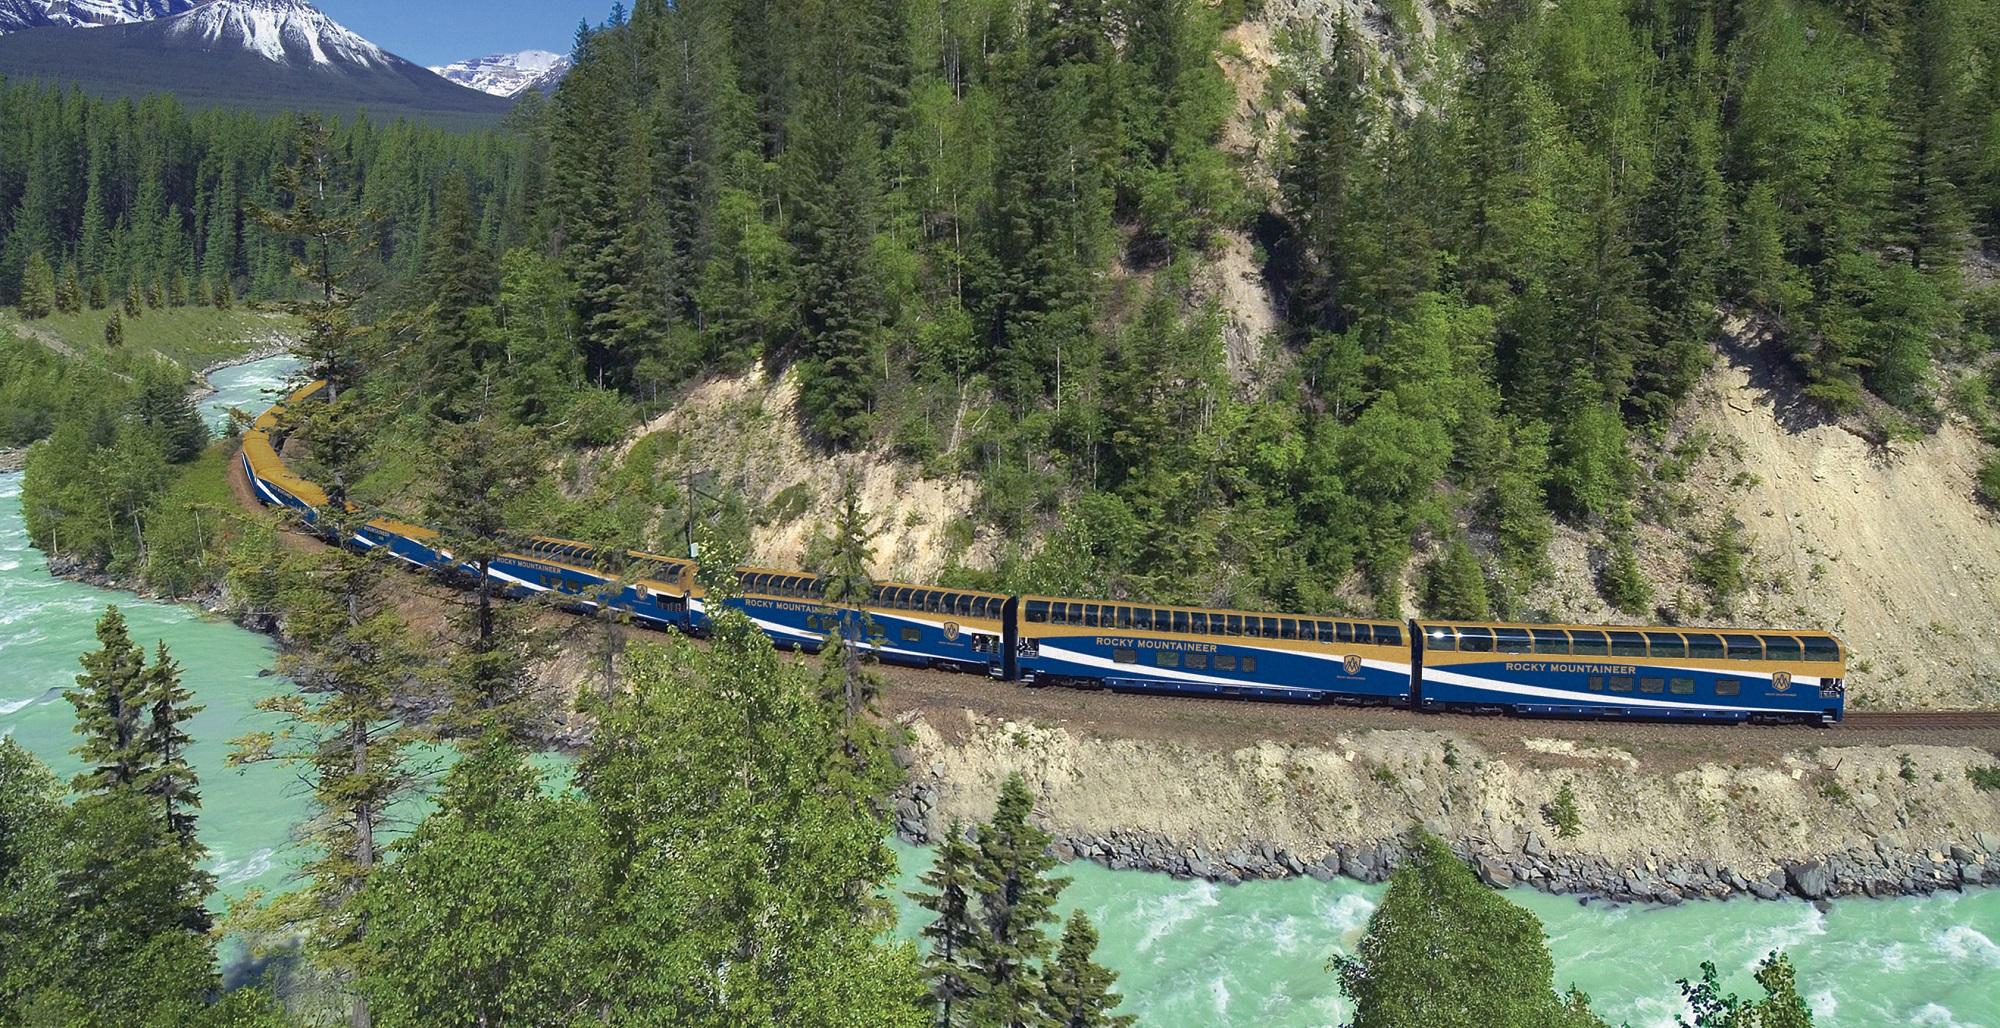 Trem Rocky Mountaineer, no Canadá | créditos: divulgação Rocky Mountaineer